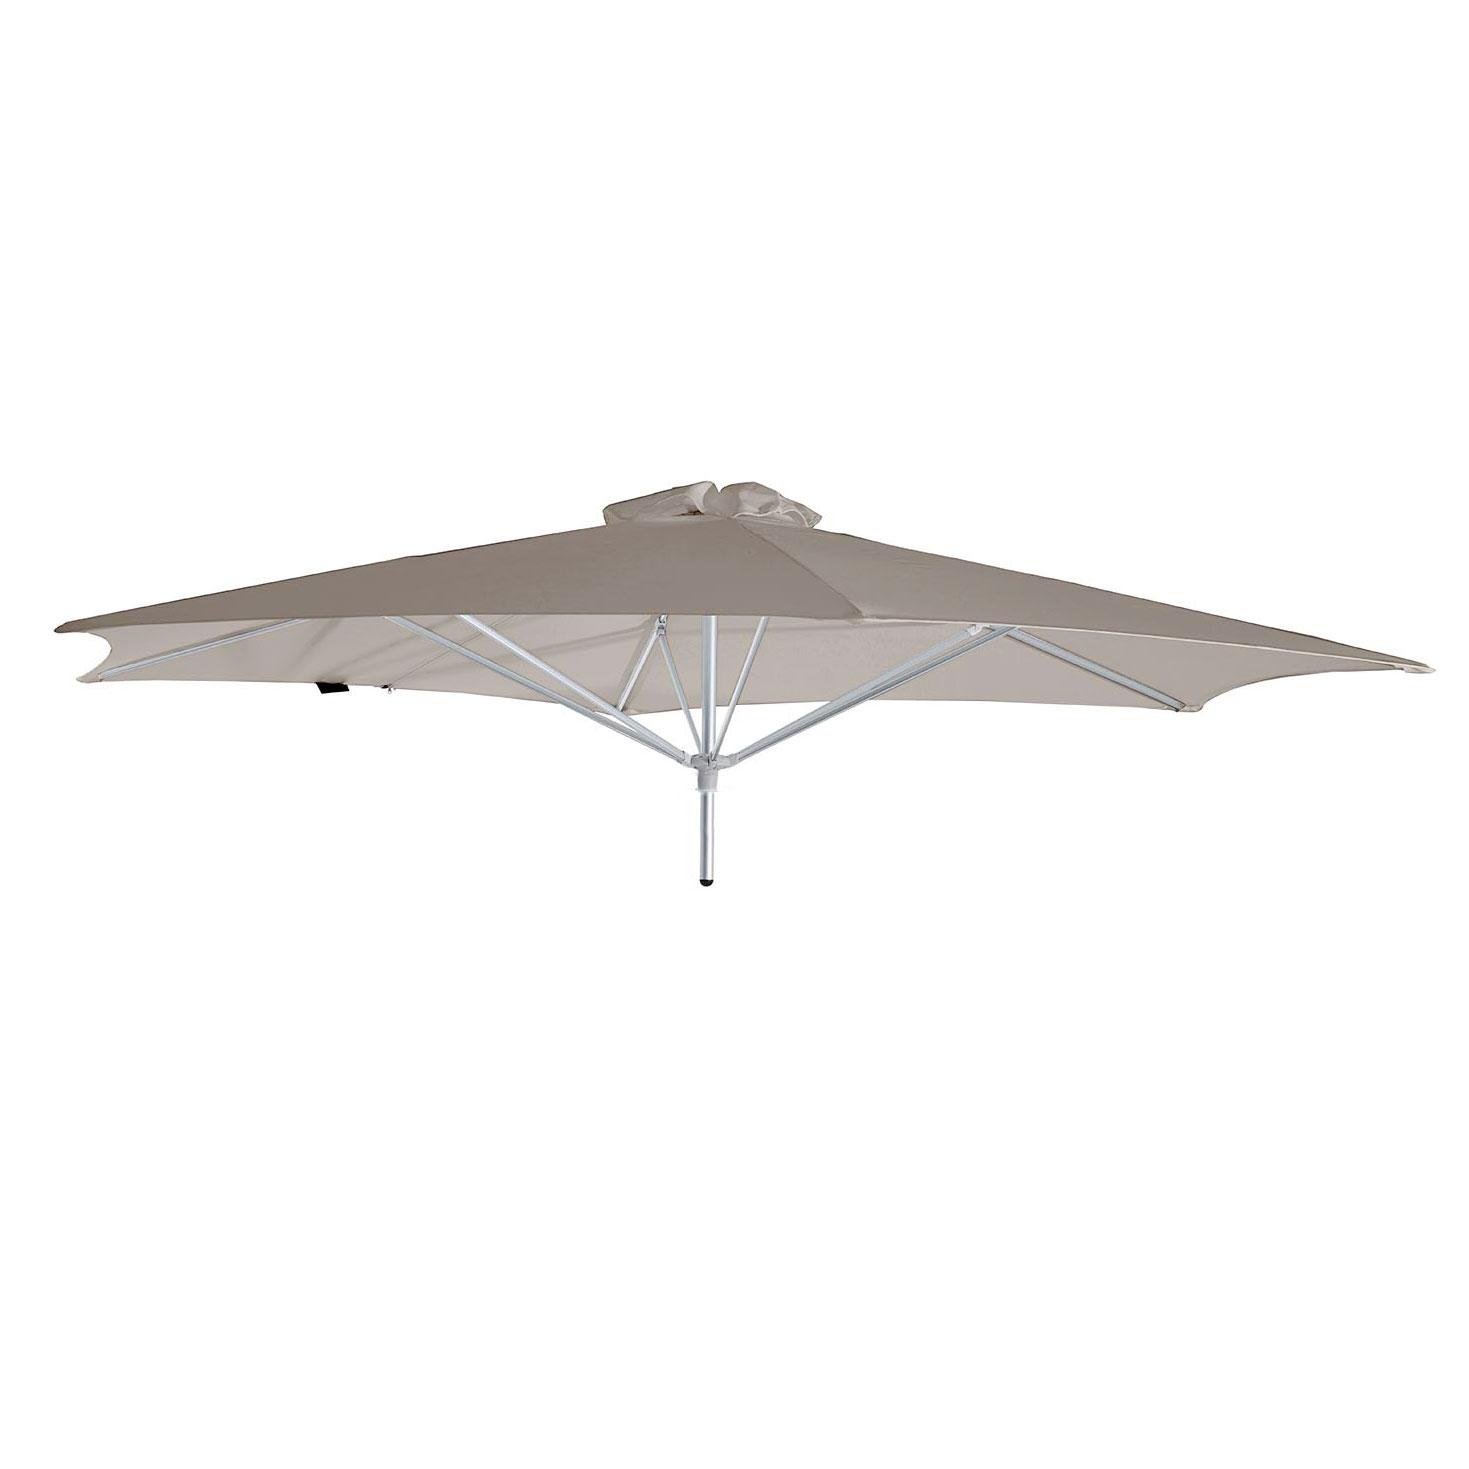 Paraflex Neo parasolkap 300cm - Solidum (Taupe)